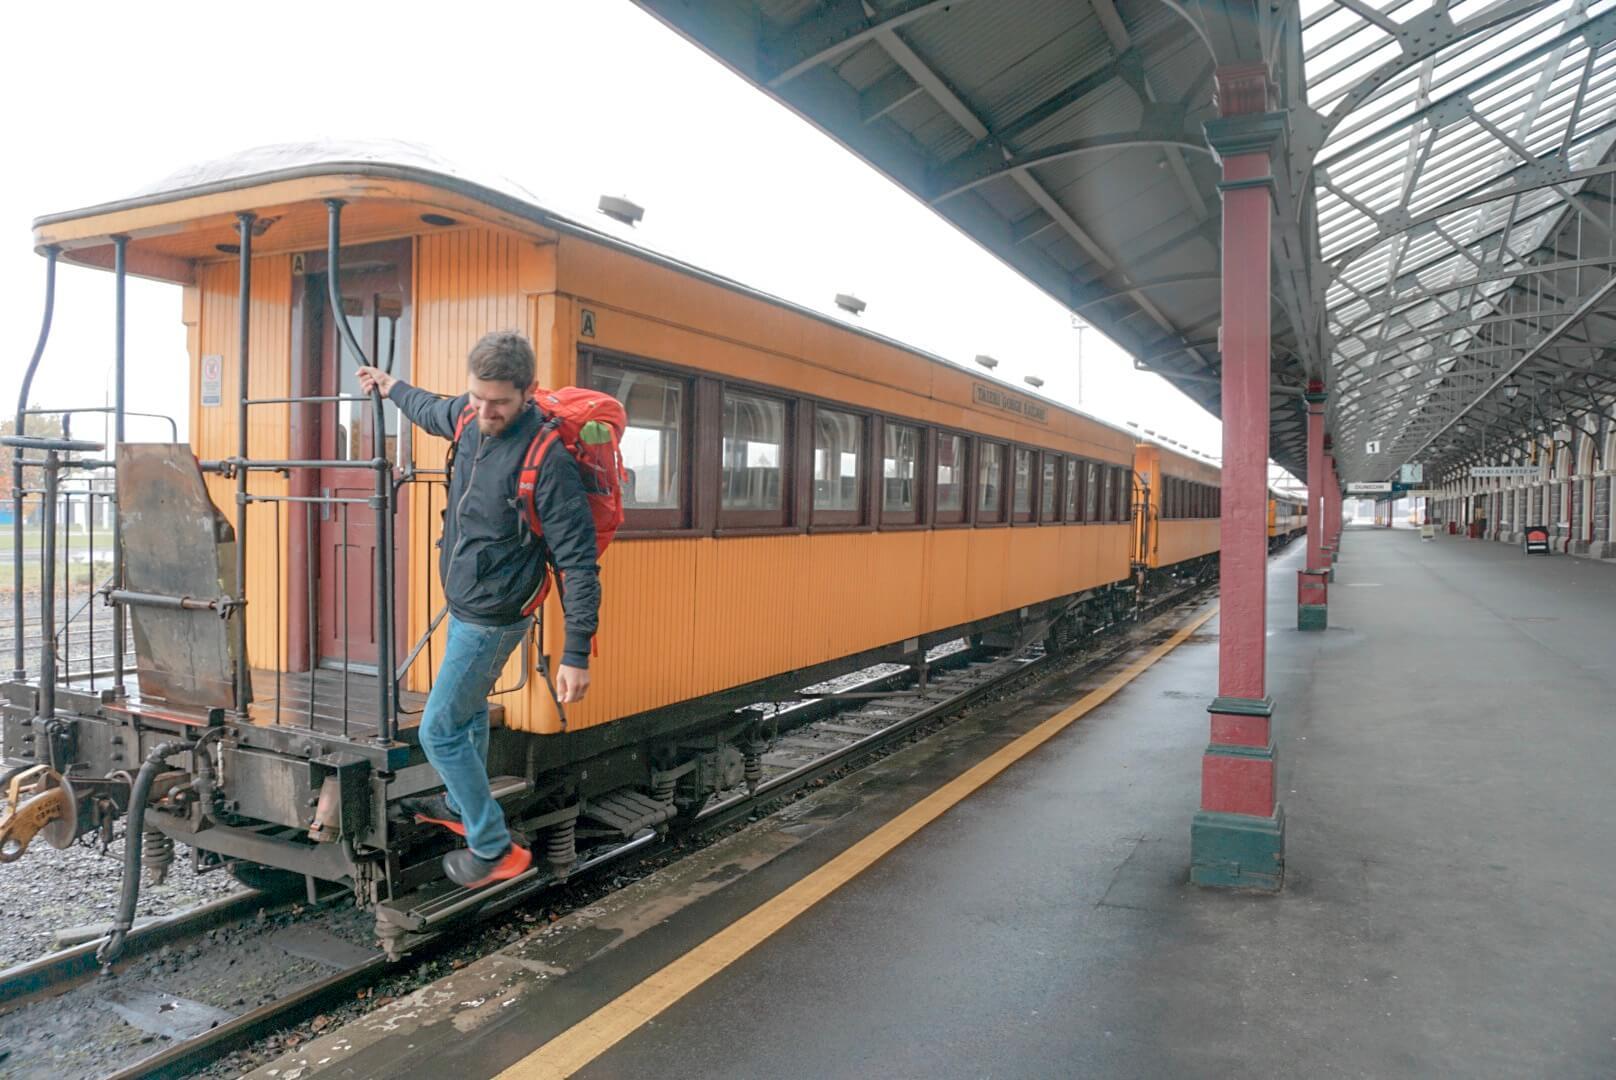 gare dunedin train blog